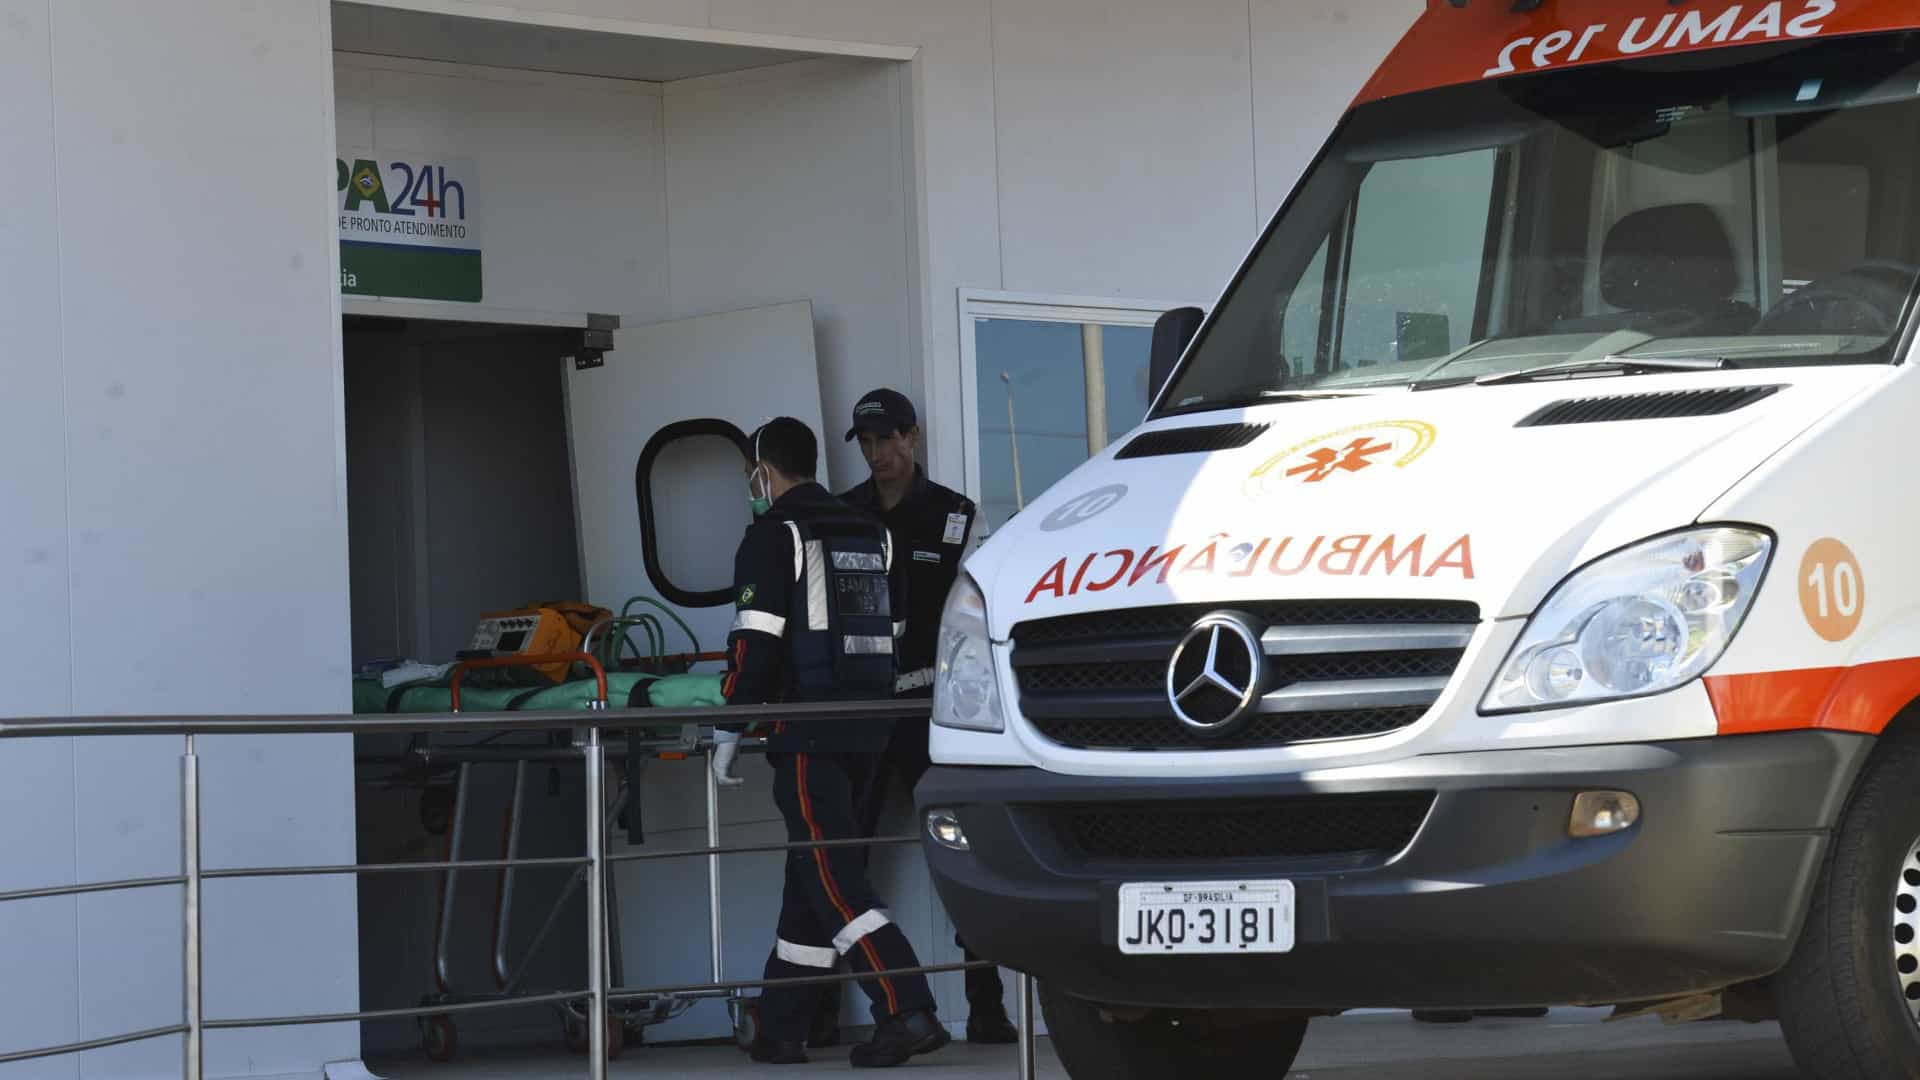 Justiça pede prisão preventiva de motorista que matou 3 em SP